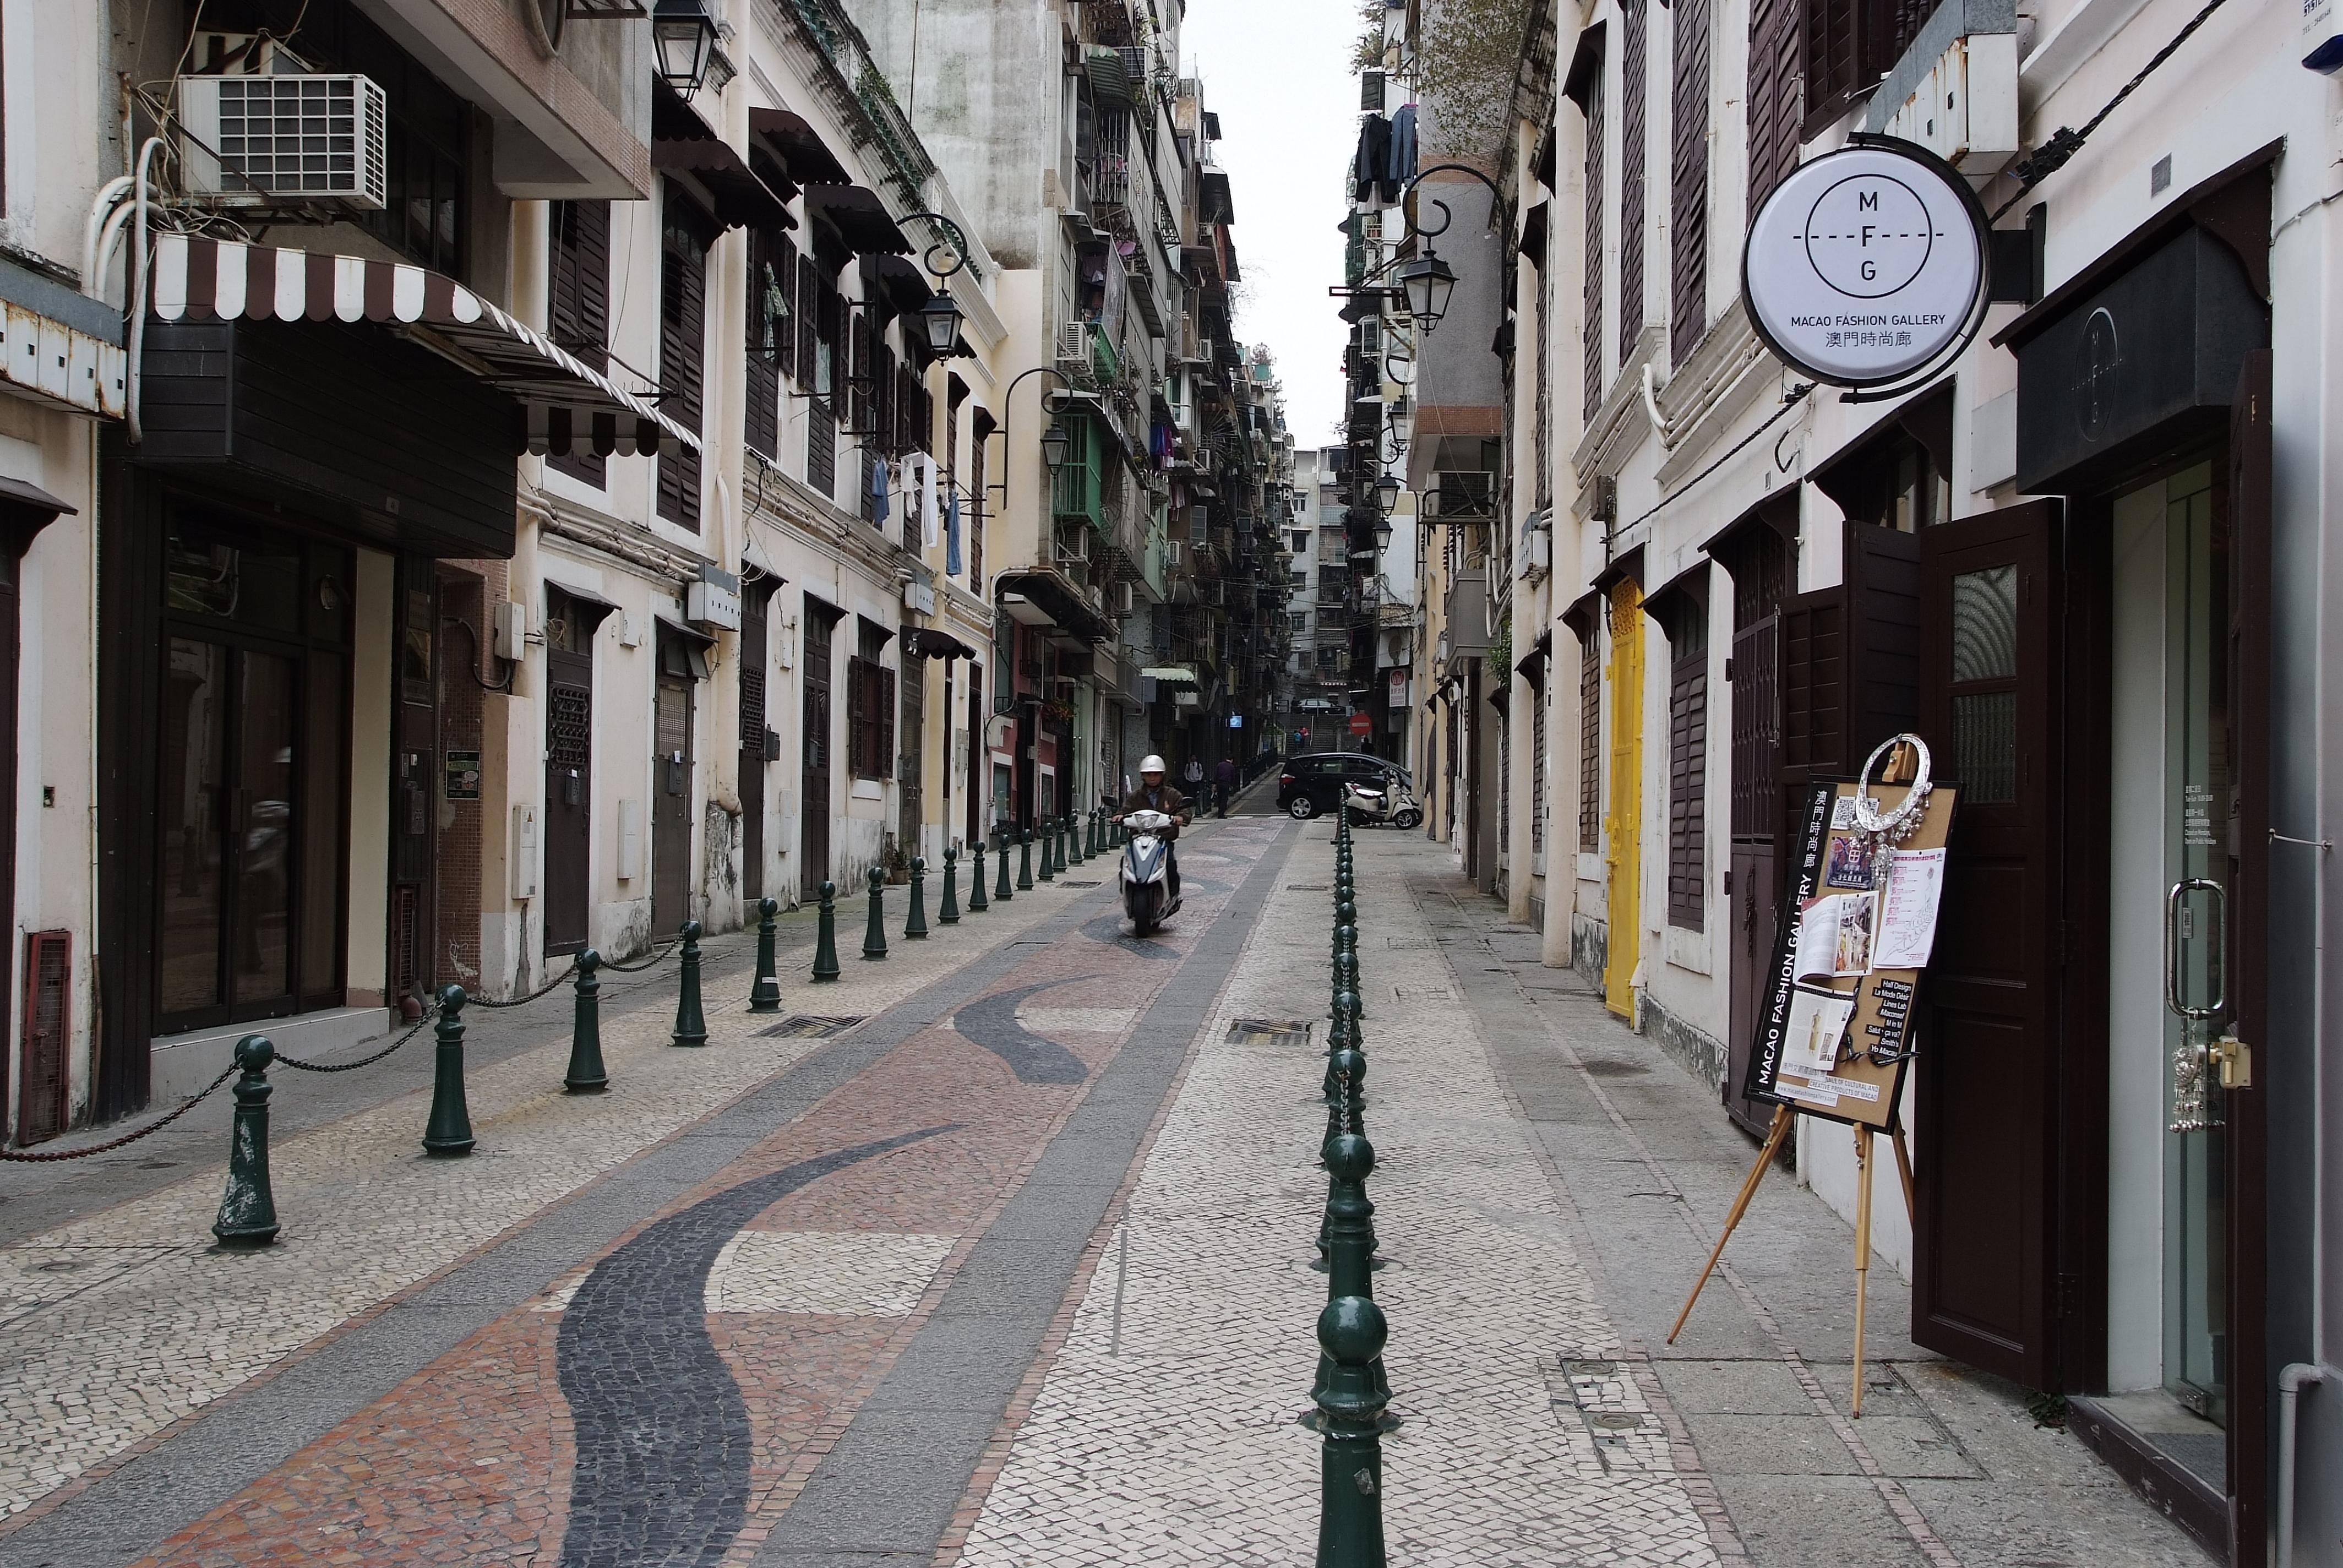 Macau의 어느 거리